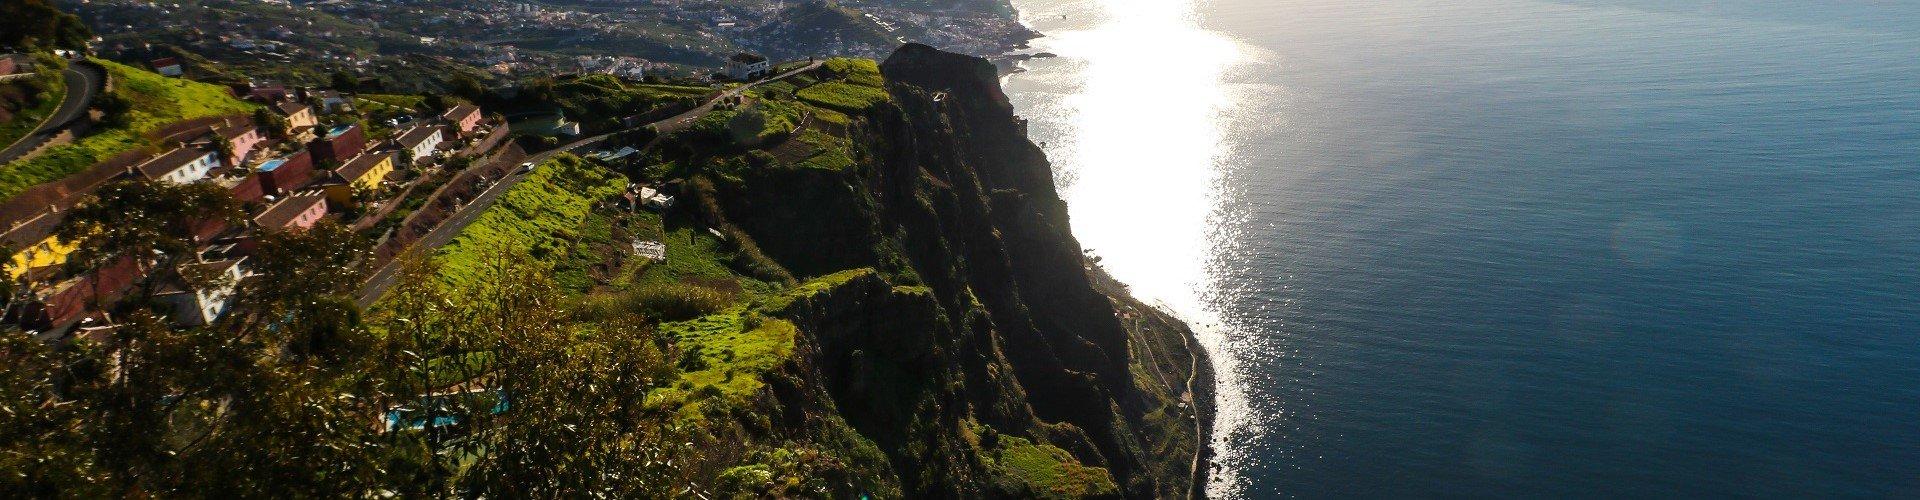 Ausflugsziel Cabo Girão